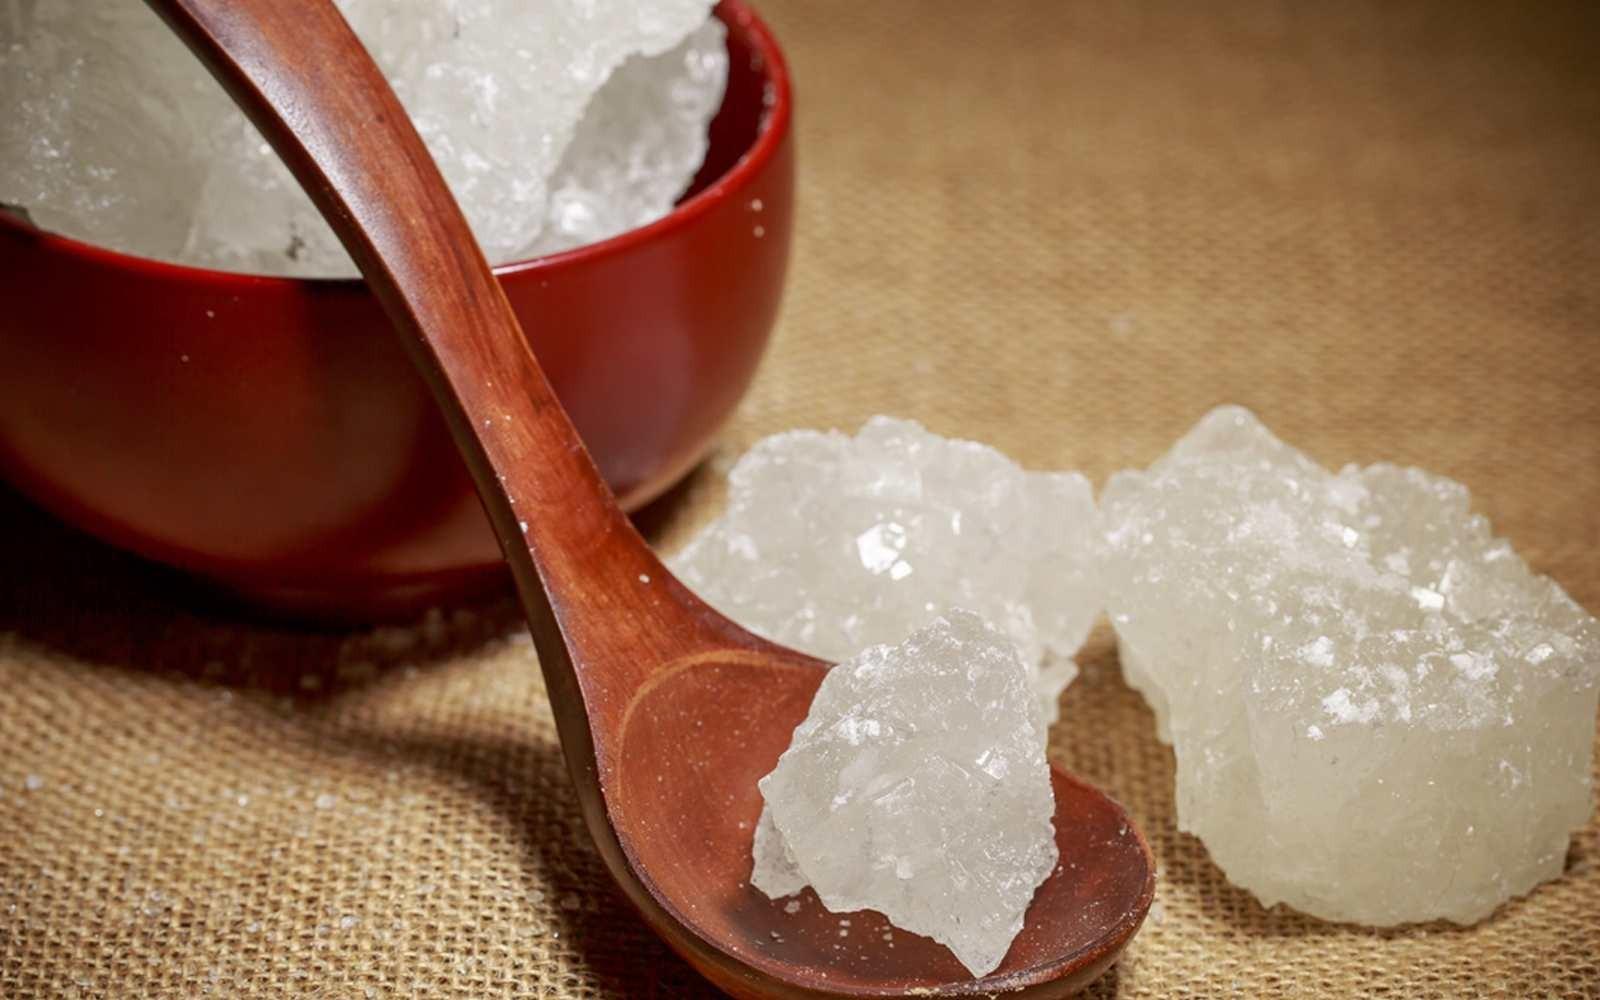 Gula Batu Lebih Baik dari Gula Pasir bagi Diabetesi, Benarkah?